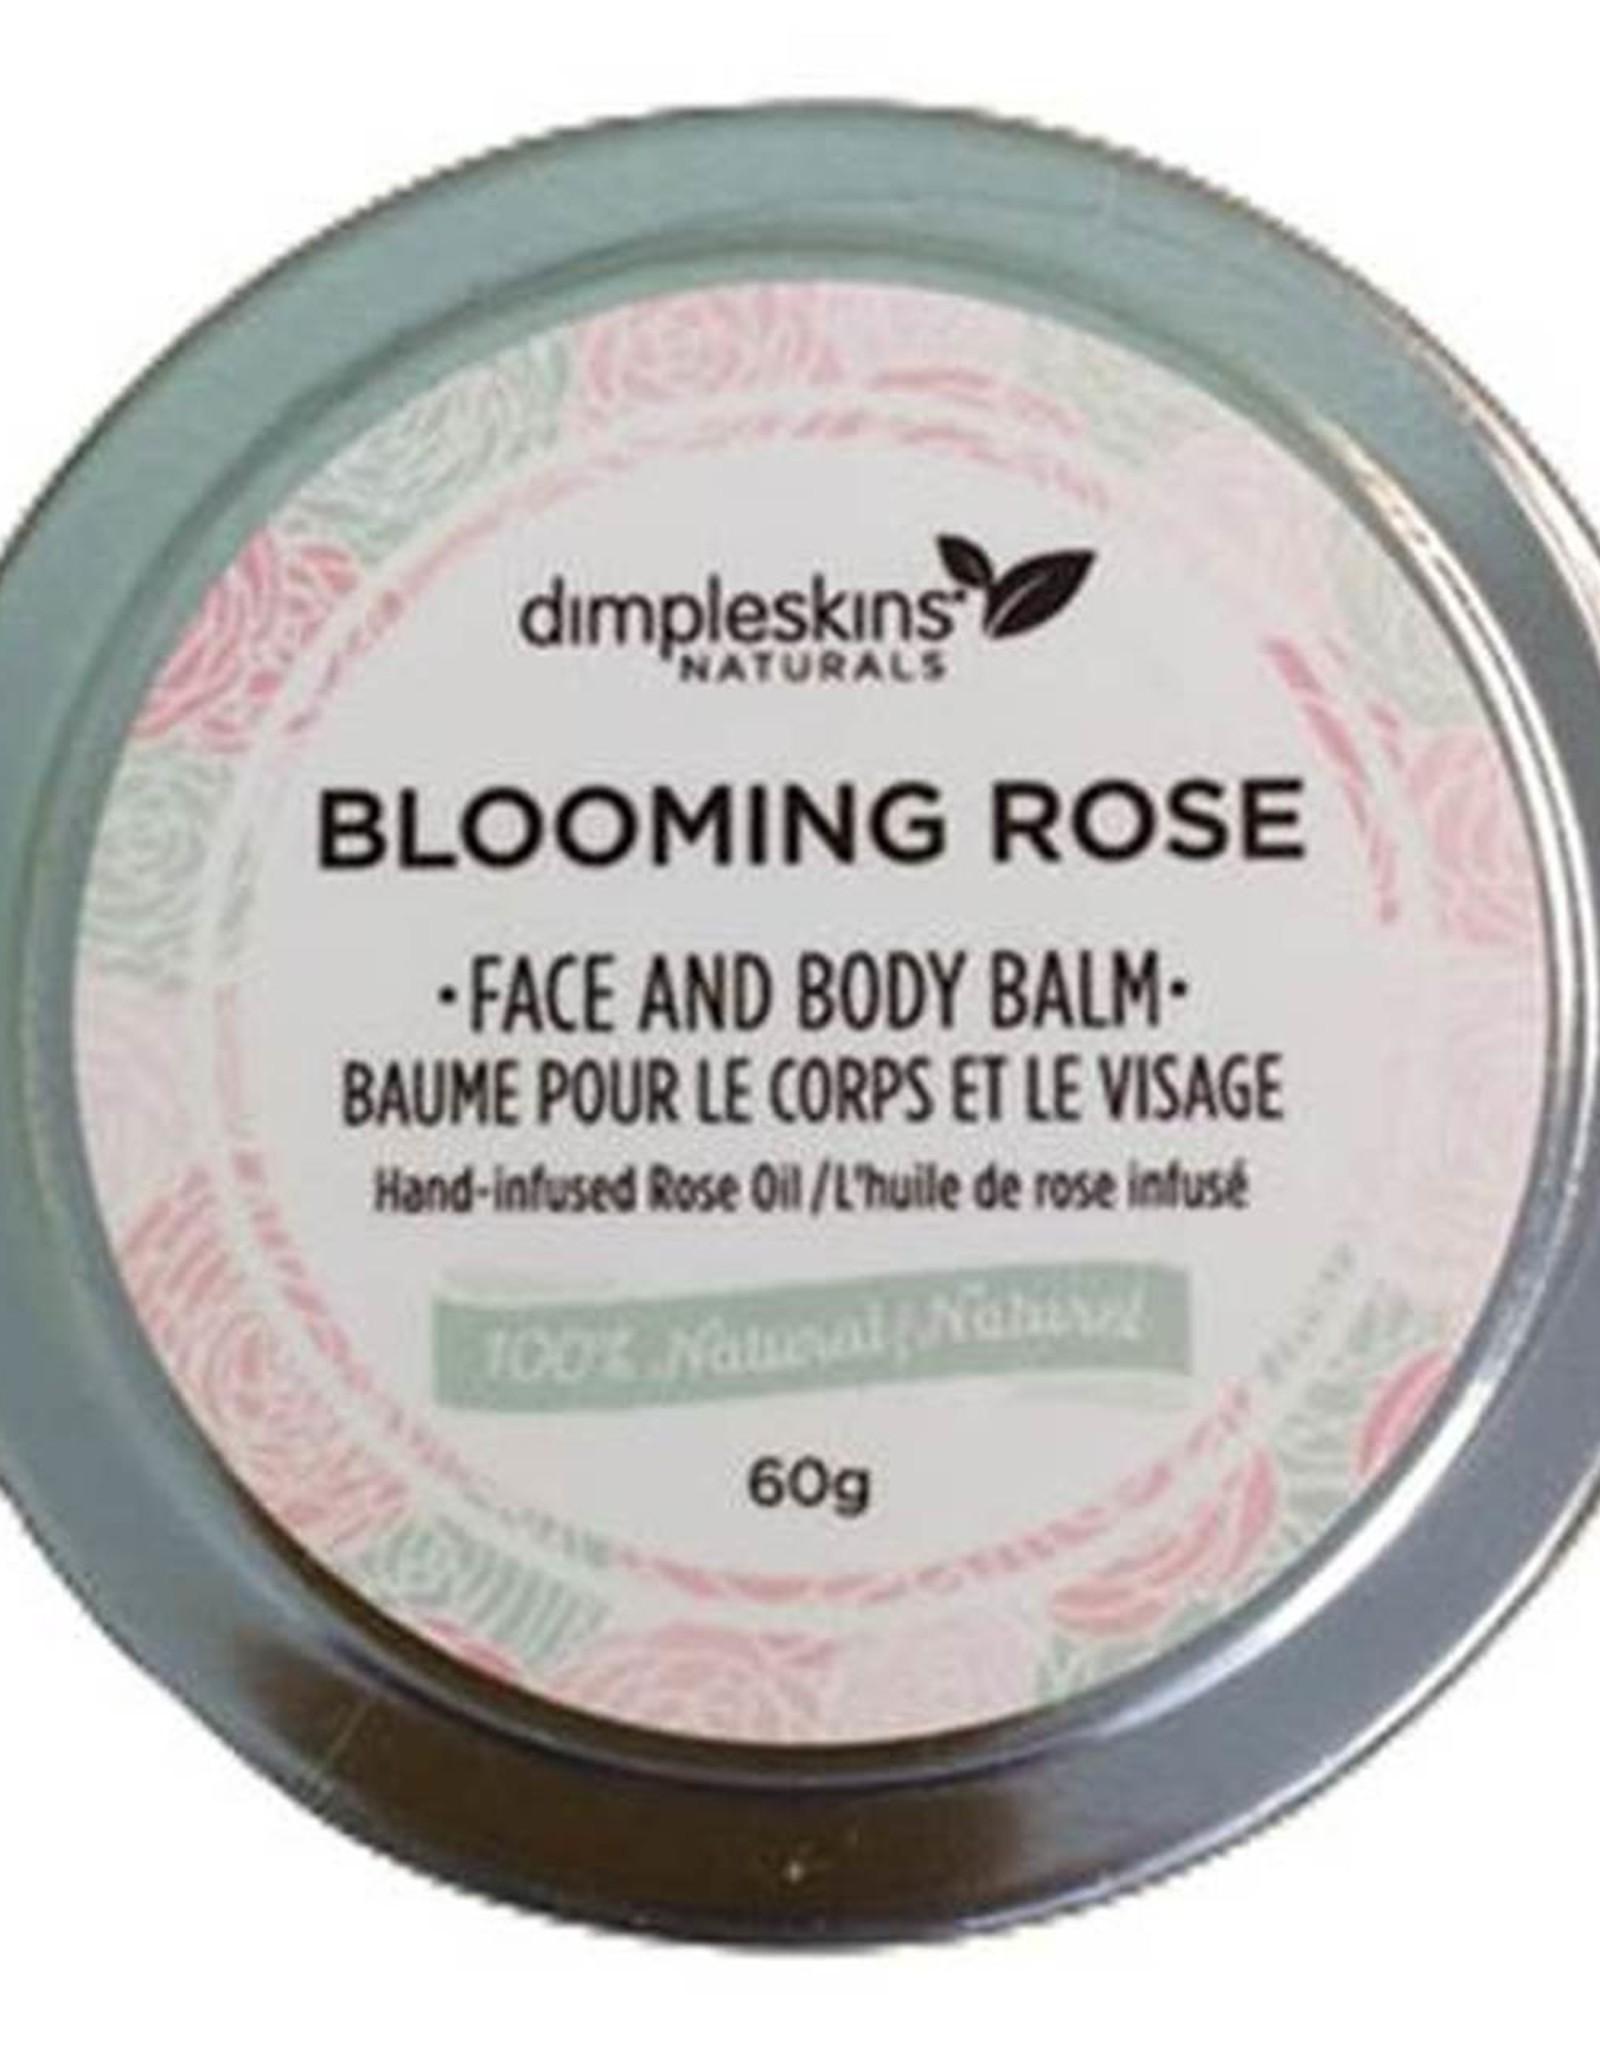 Dimpleskins BLOOMING ROSE